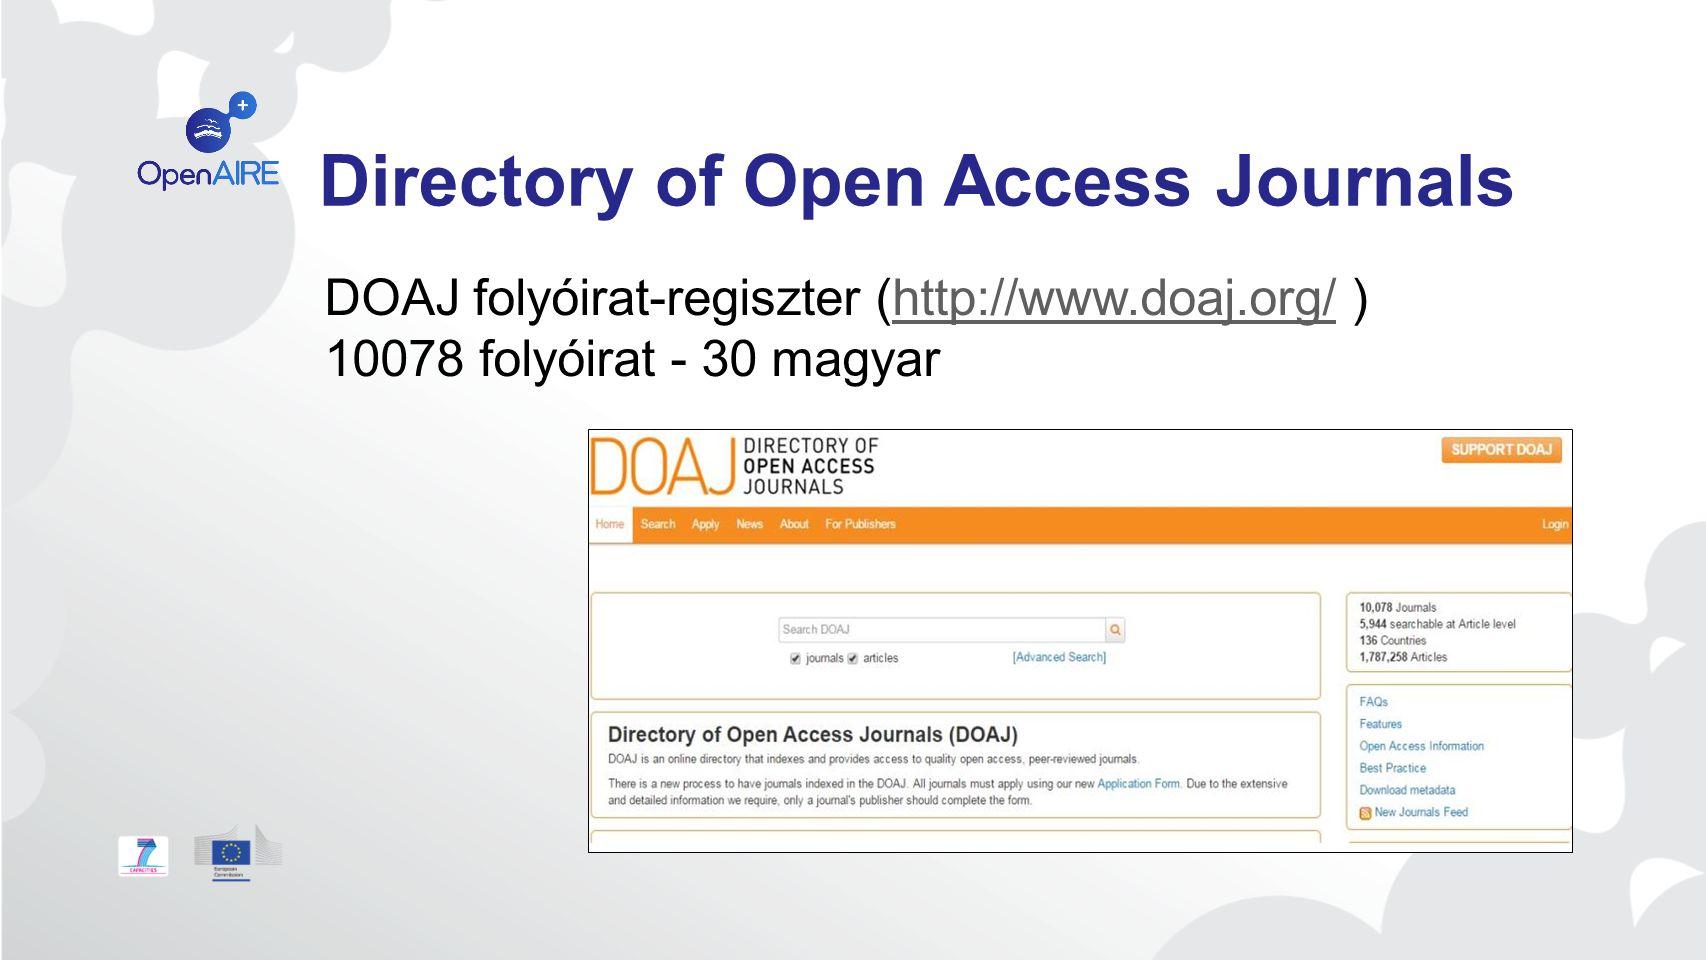 Helpdesk feladatok OpenAIRE2020 - Overview27 Támogatás GYIK Útmutatók Információs weboldalak Tájékoztatók Helpdesk rendszer Kategóriák Témák Útmutatók kidolgozásáa NOAD Események Webinarok Workshopok Prezentációk Felvételek, ppt, stb.